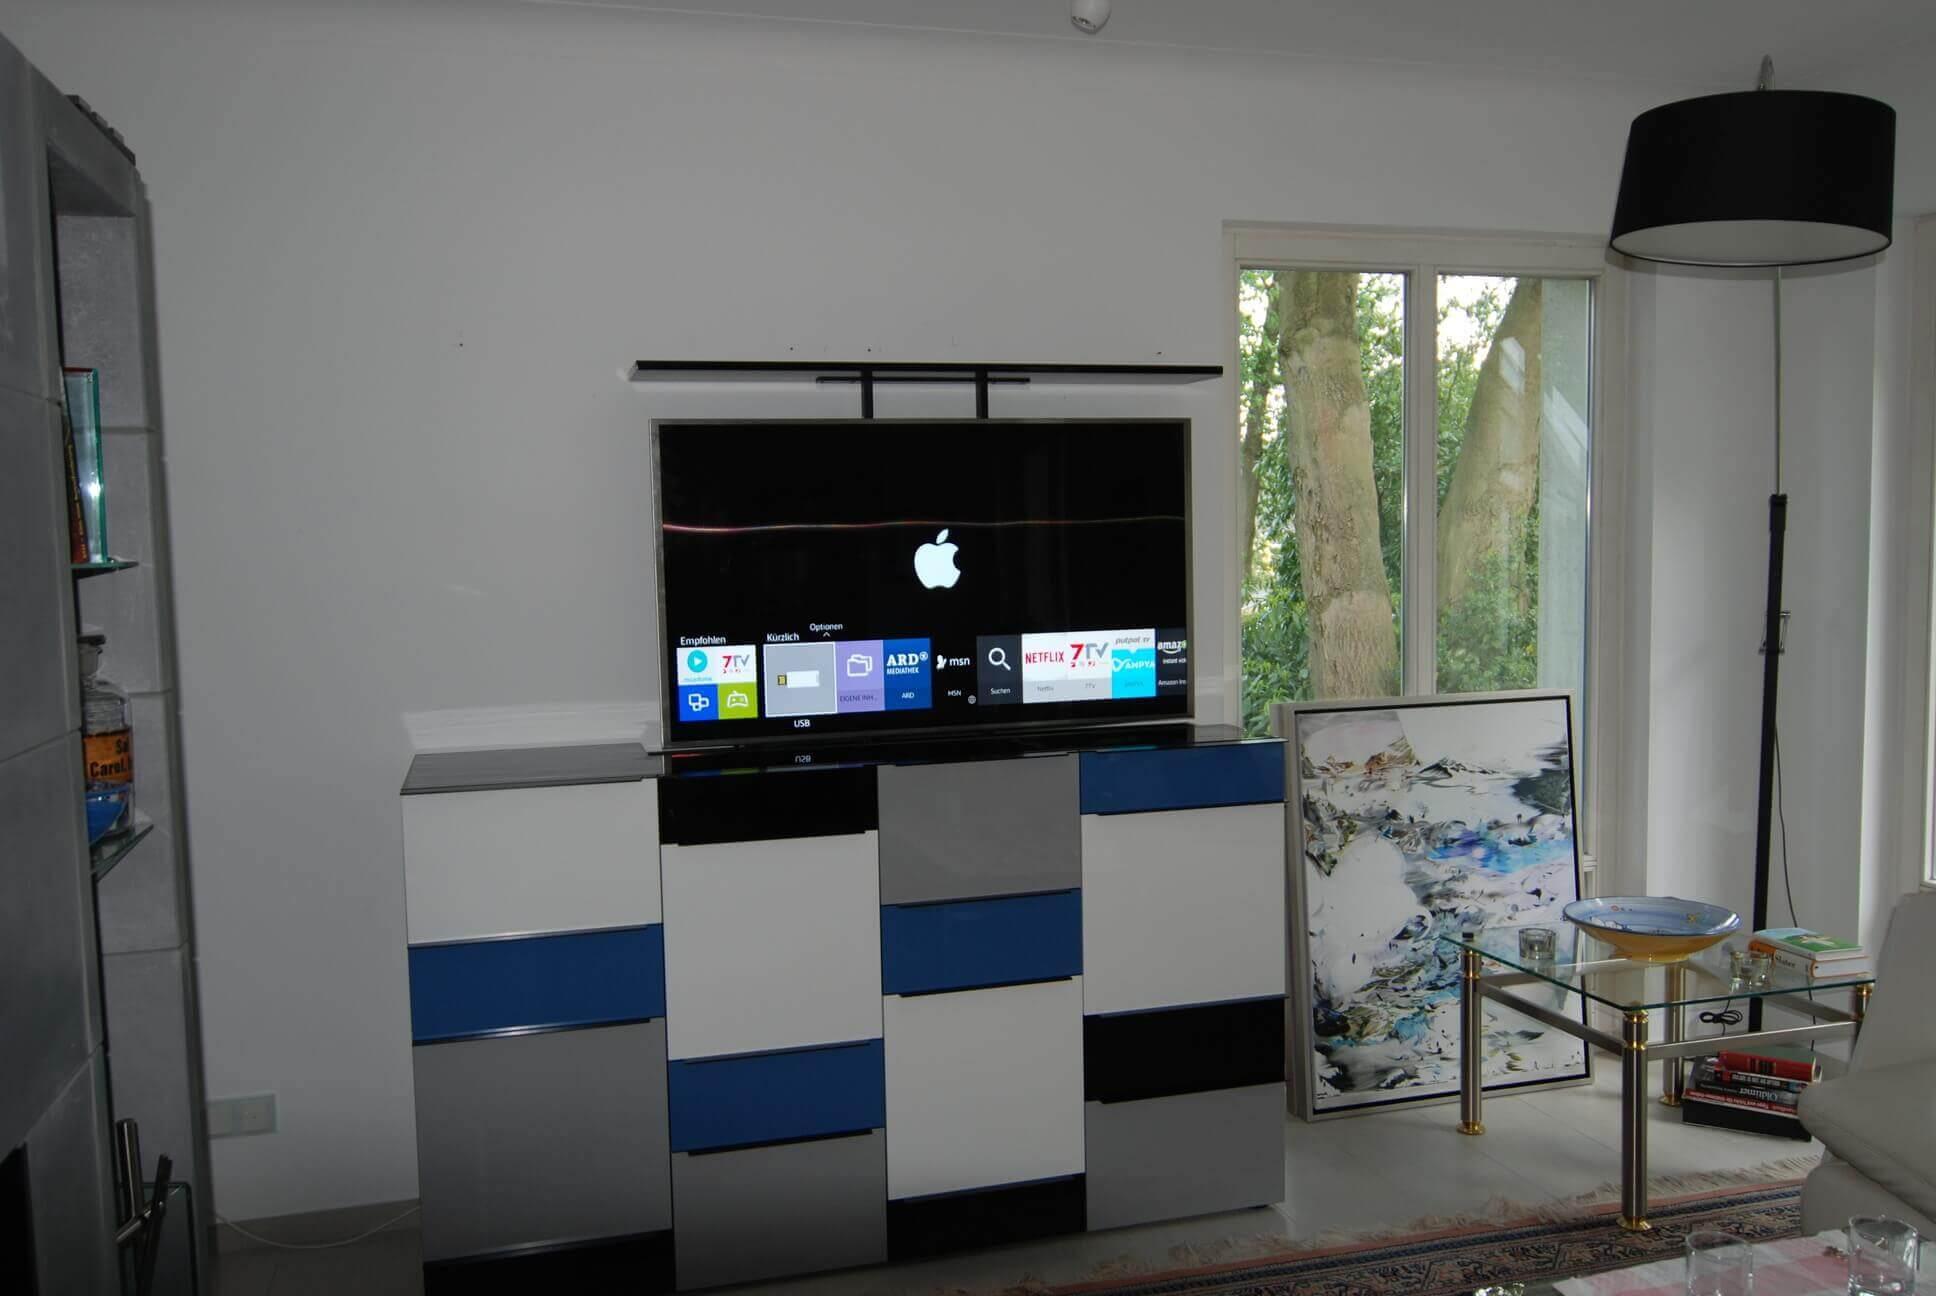 Umarbeitung eines vorhandenen Möbelstücks in eine TV-Kommode